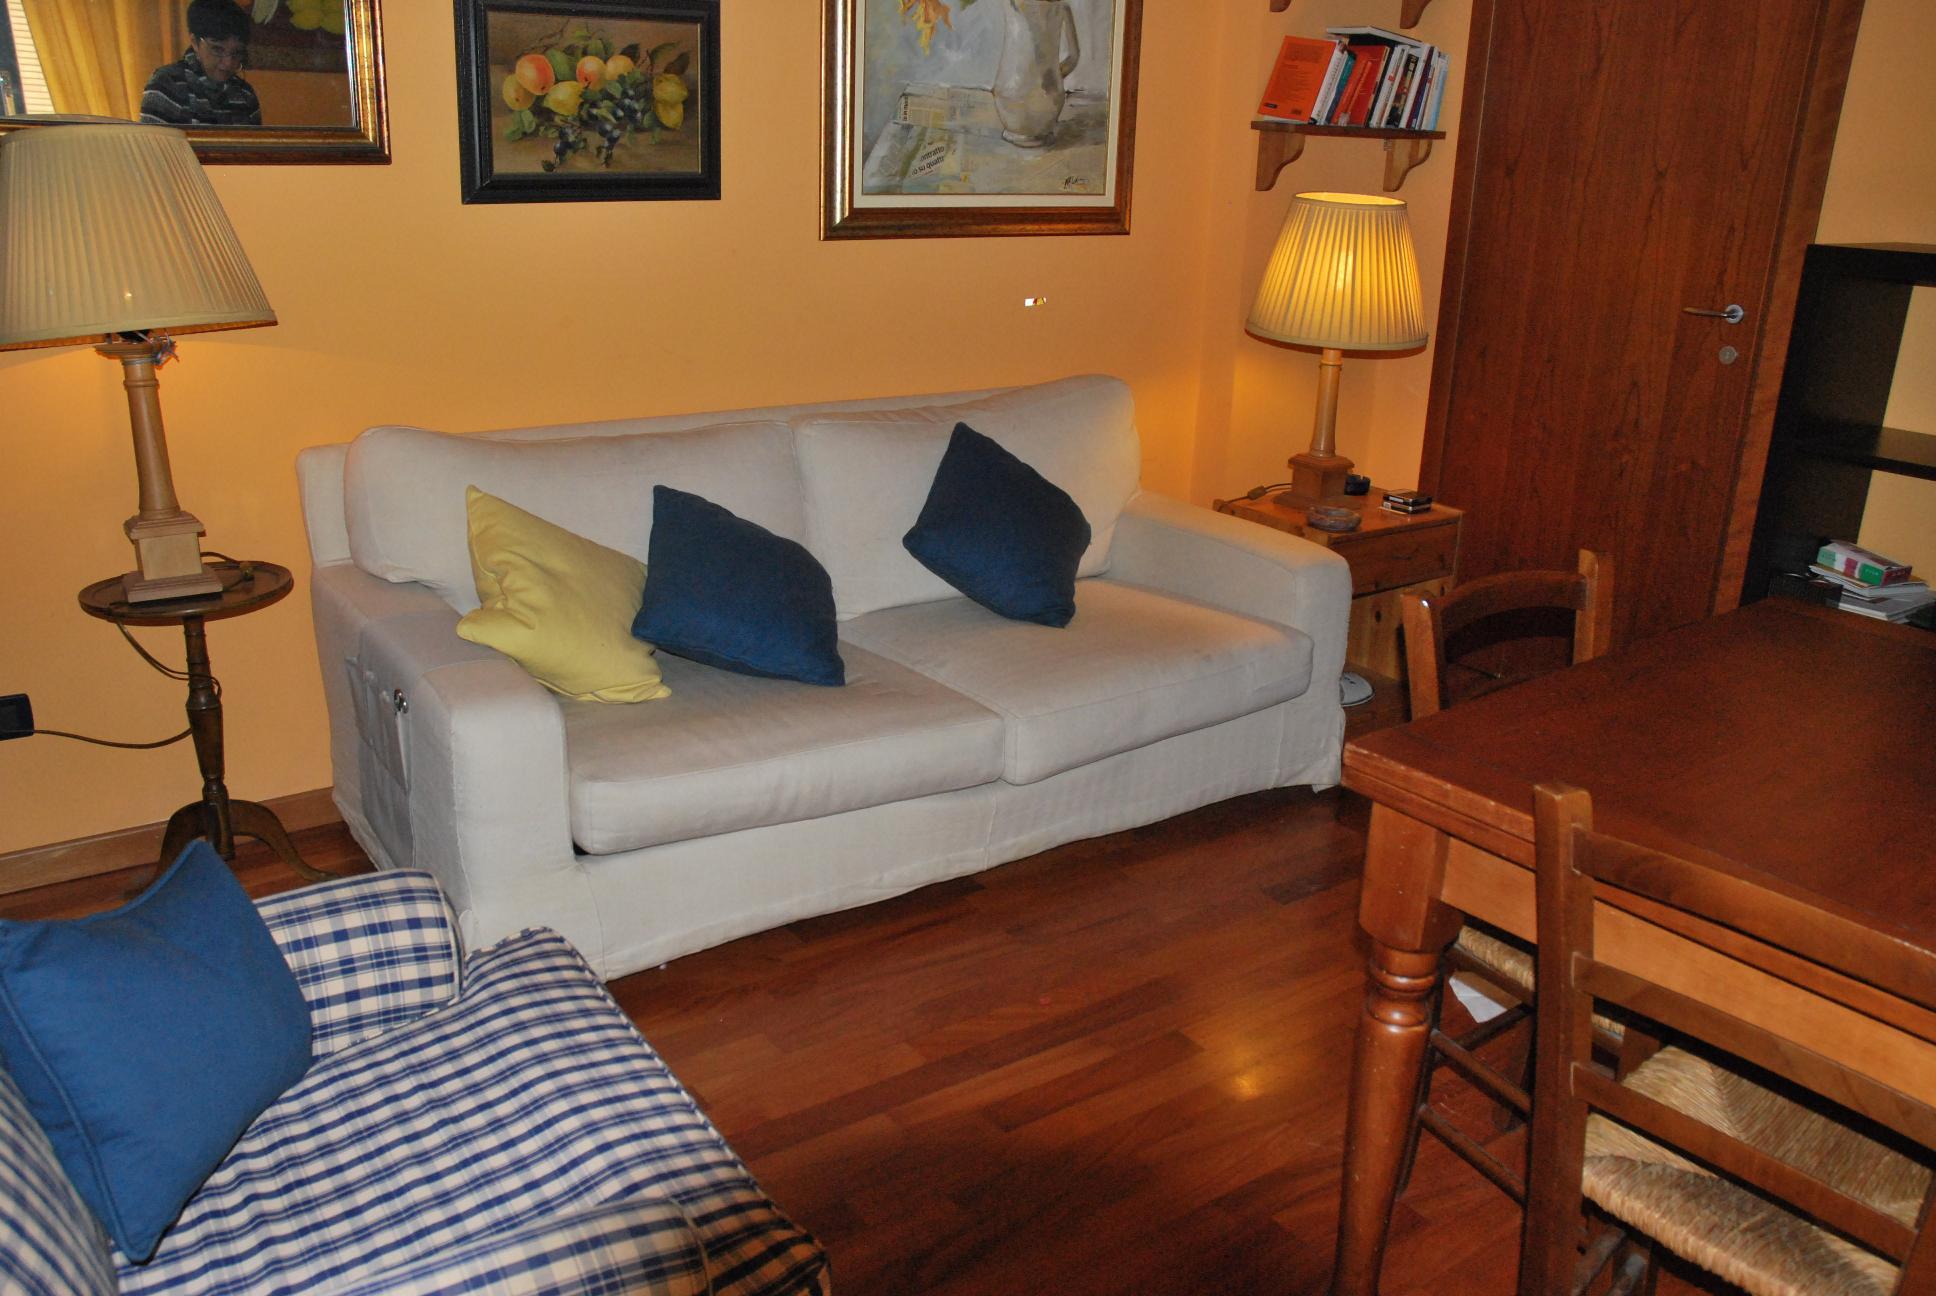 Appartamento in affitto a roma corso francia rif 912 for Affitto ufficio corso francia roma